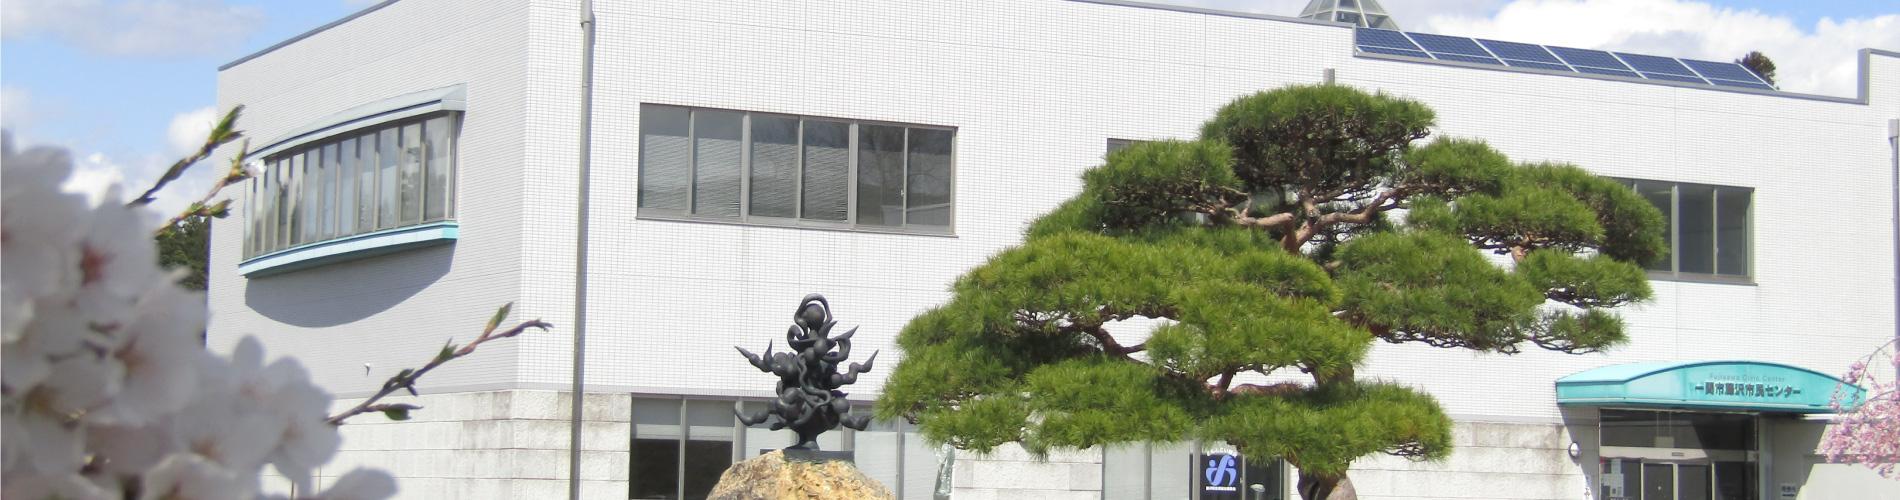 一関藤沢市民センター